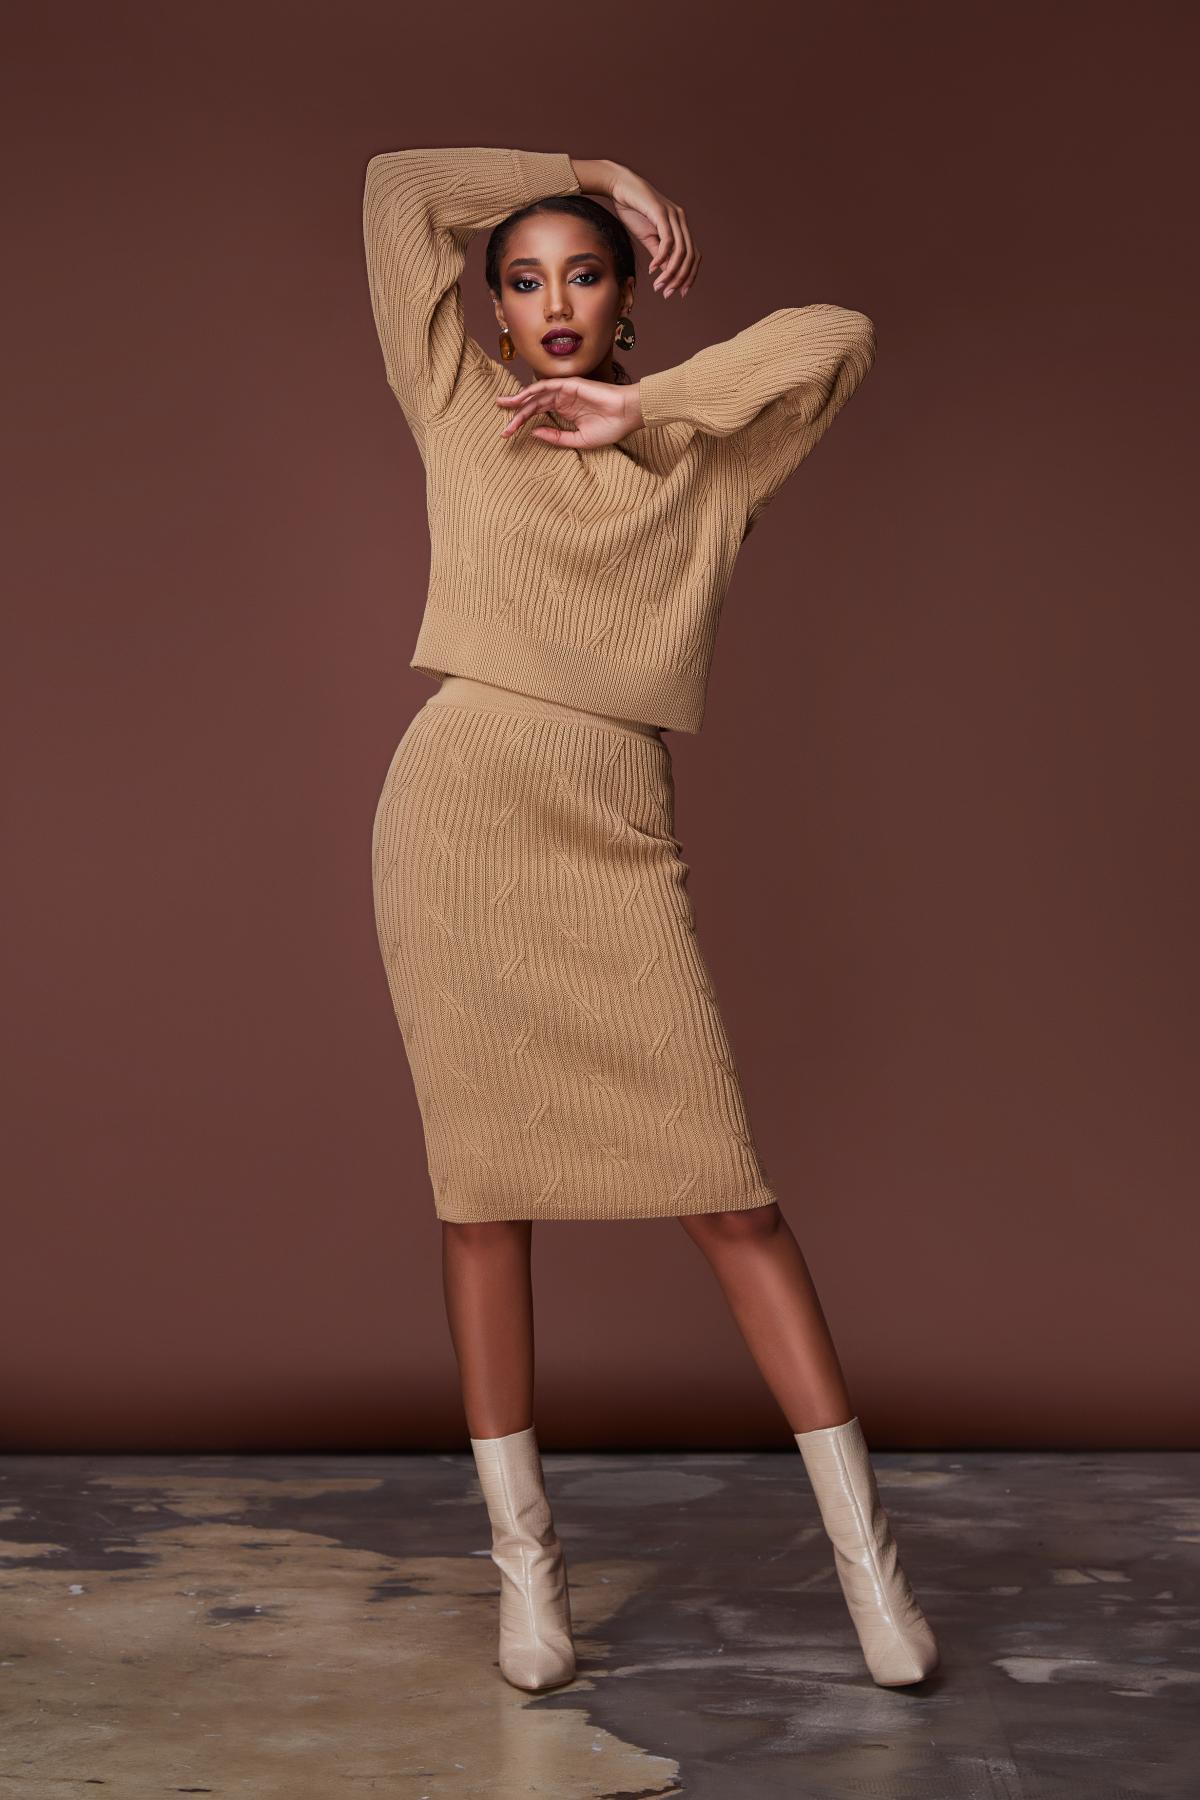 Модні спідниці на осінь 2021 / depositphotos.com